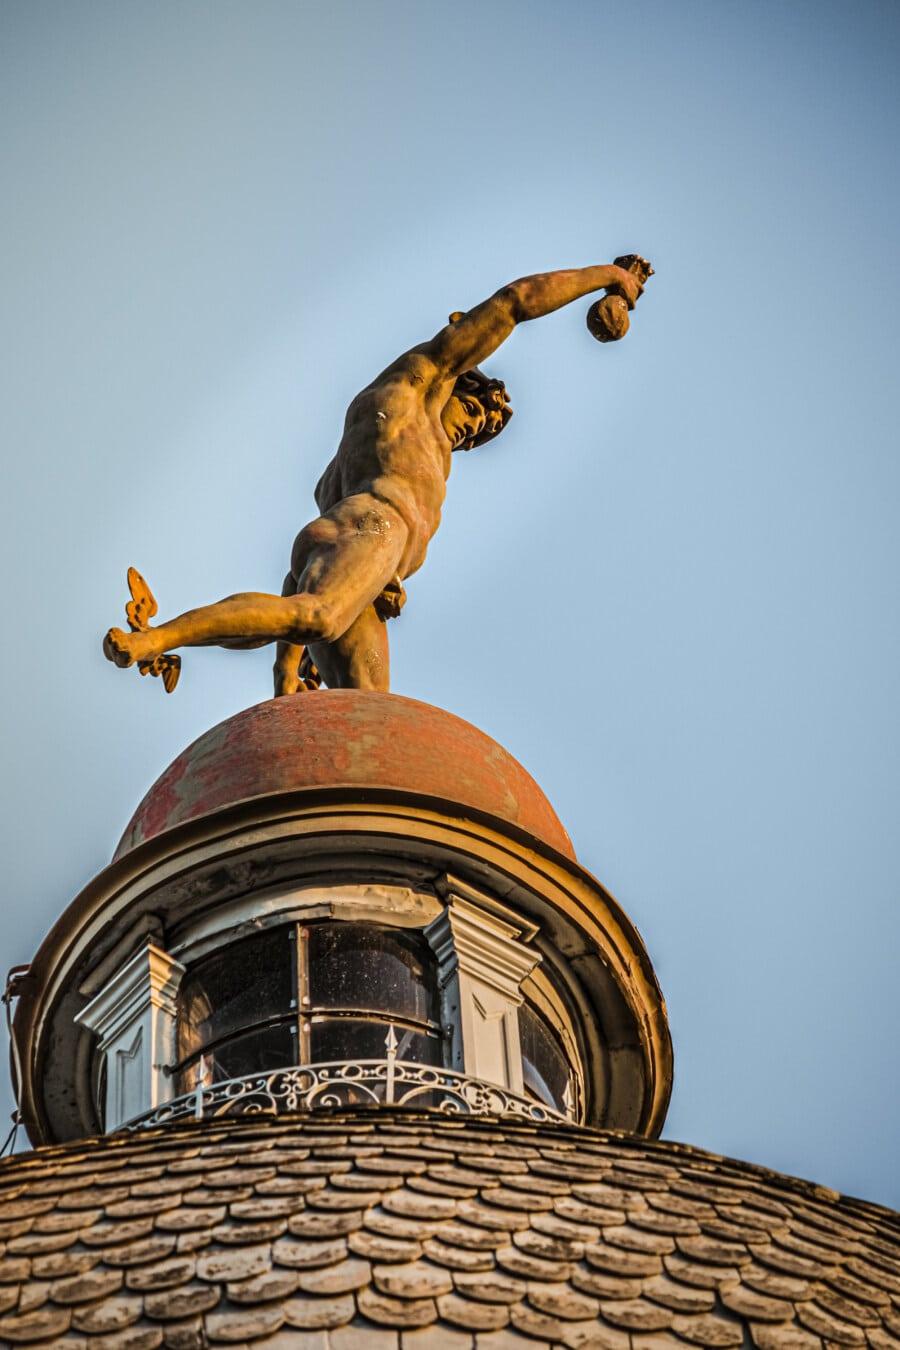 Statue, Skulptur, auf dem Dach, Kuppel, Barock, architektonischen Stil, Dach, alt, im freien, traditionelle